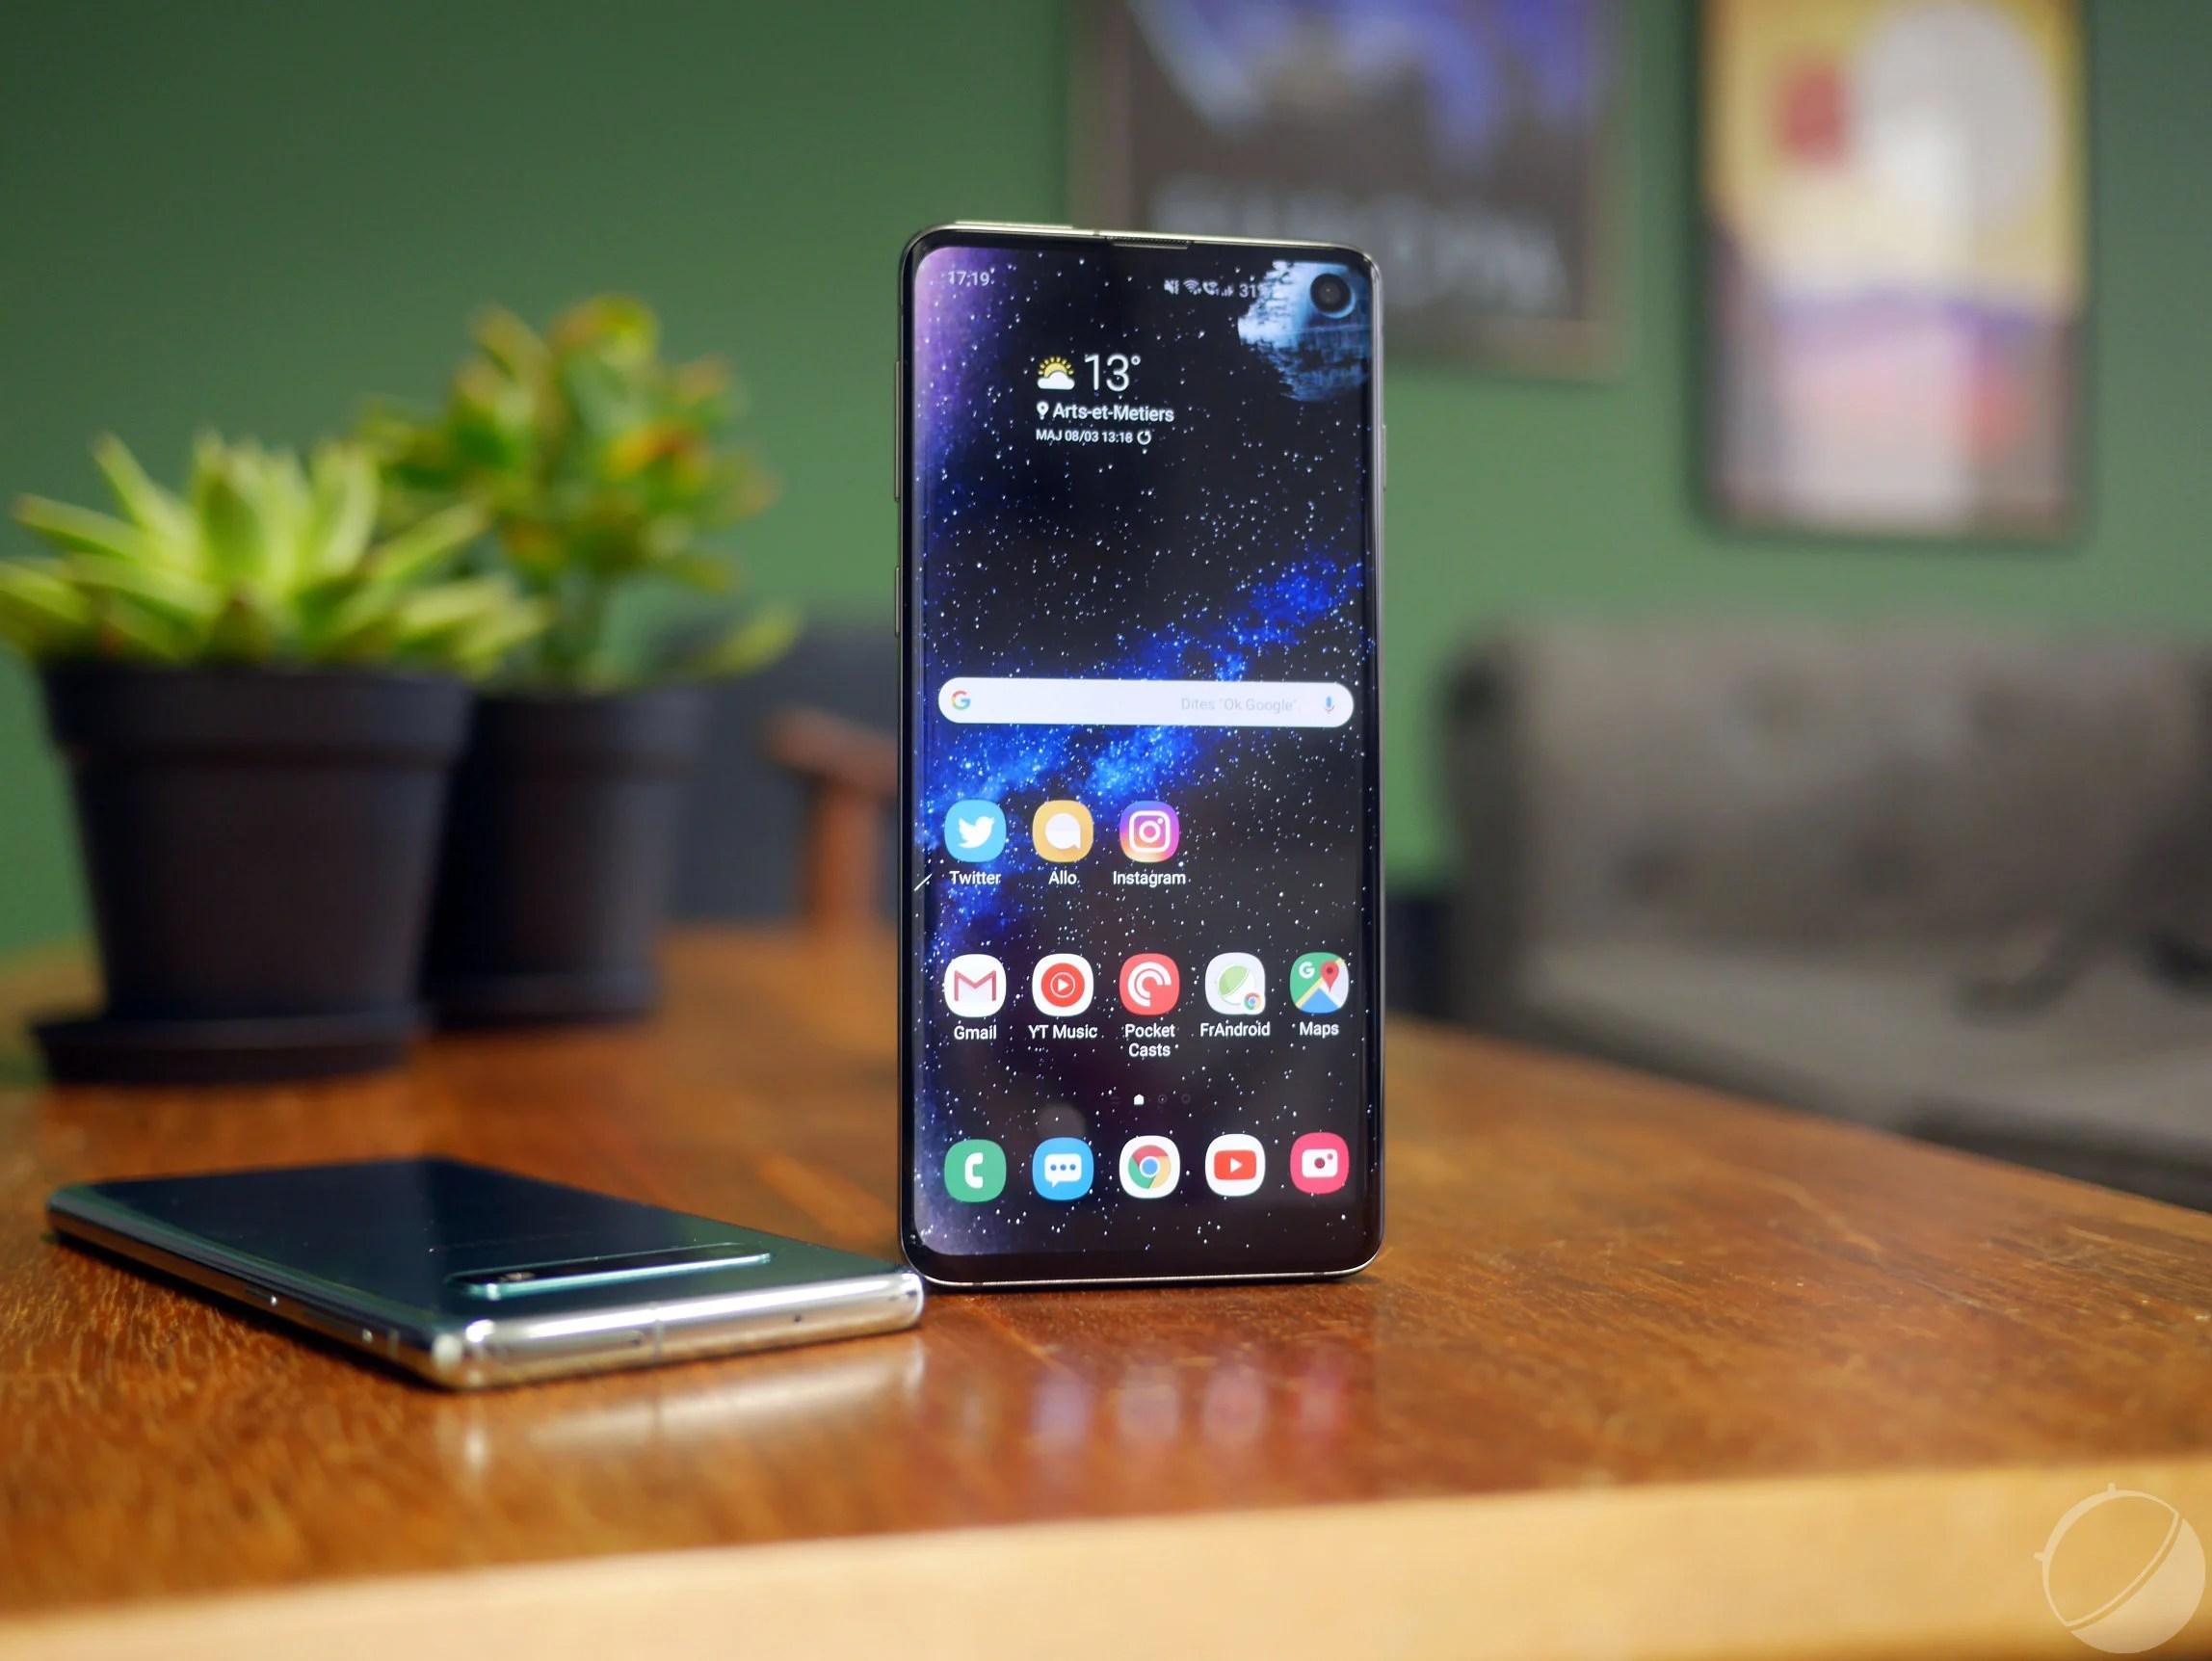 Lecteur d'empreintes du Galaxy S10, coloris du Huawei P30 et mode PC sur Android Q – Tech'spresso